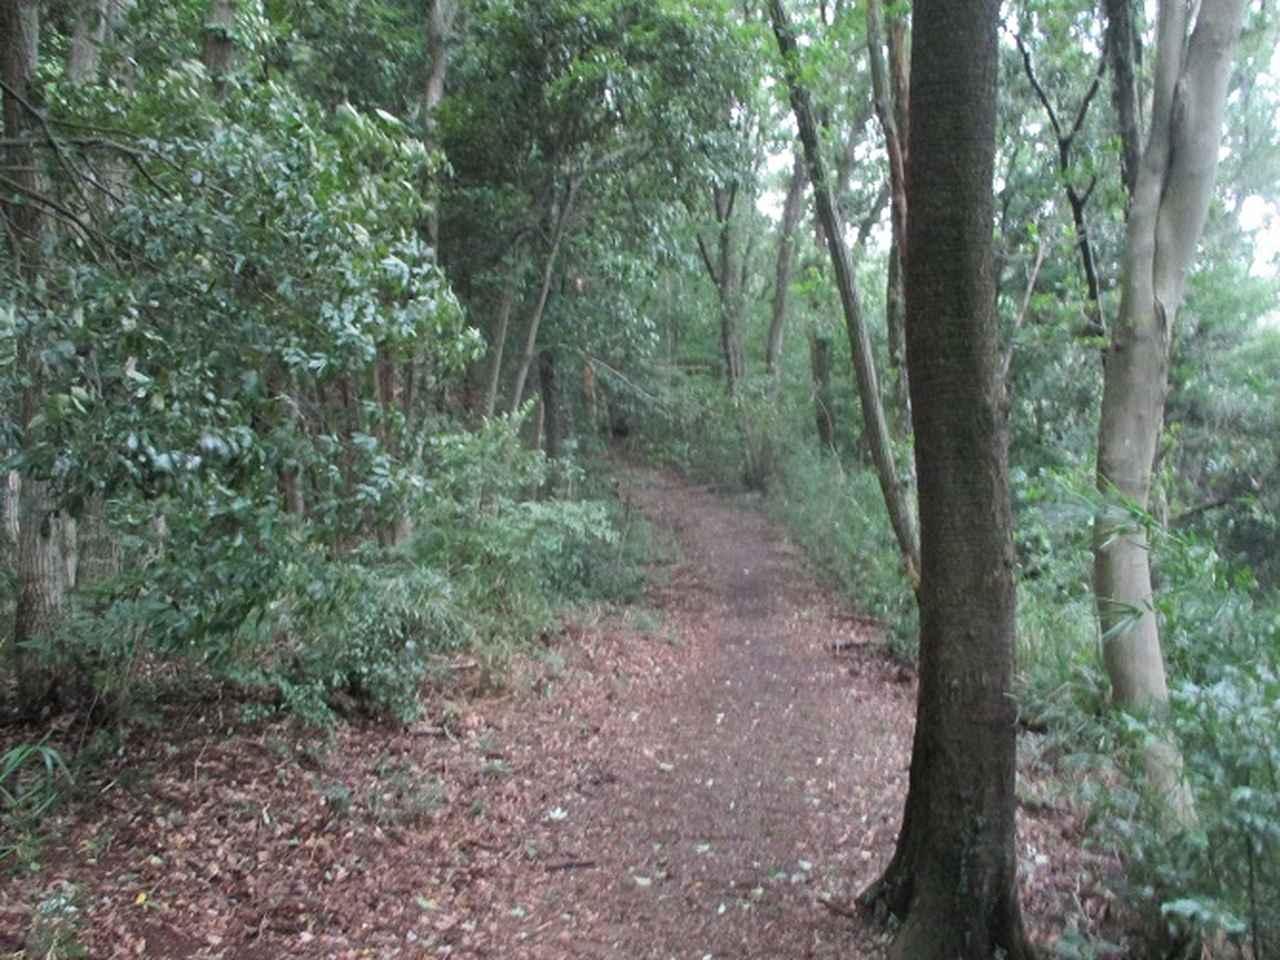 画像1: 9月の山旅会現地集合 「城山から景信山」 ツアーの下見に行ってきました!